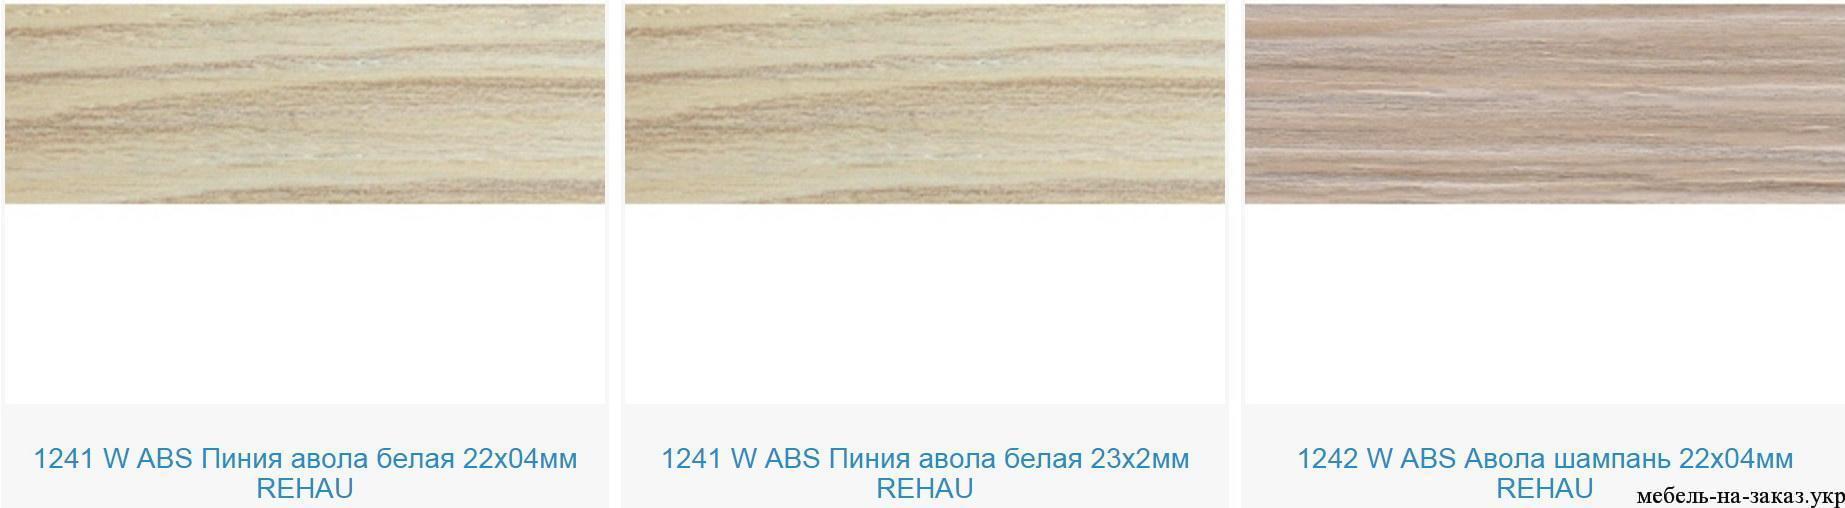 заказать мебельную кромку в Киеве